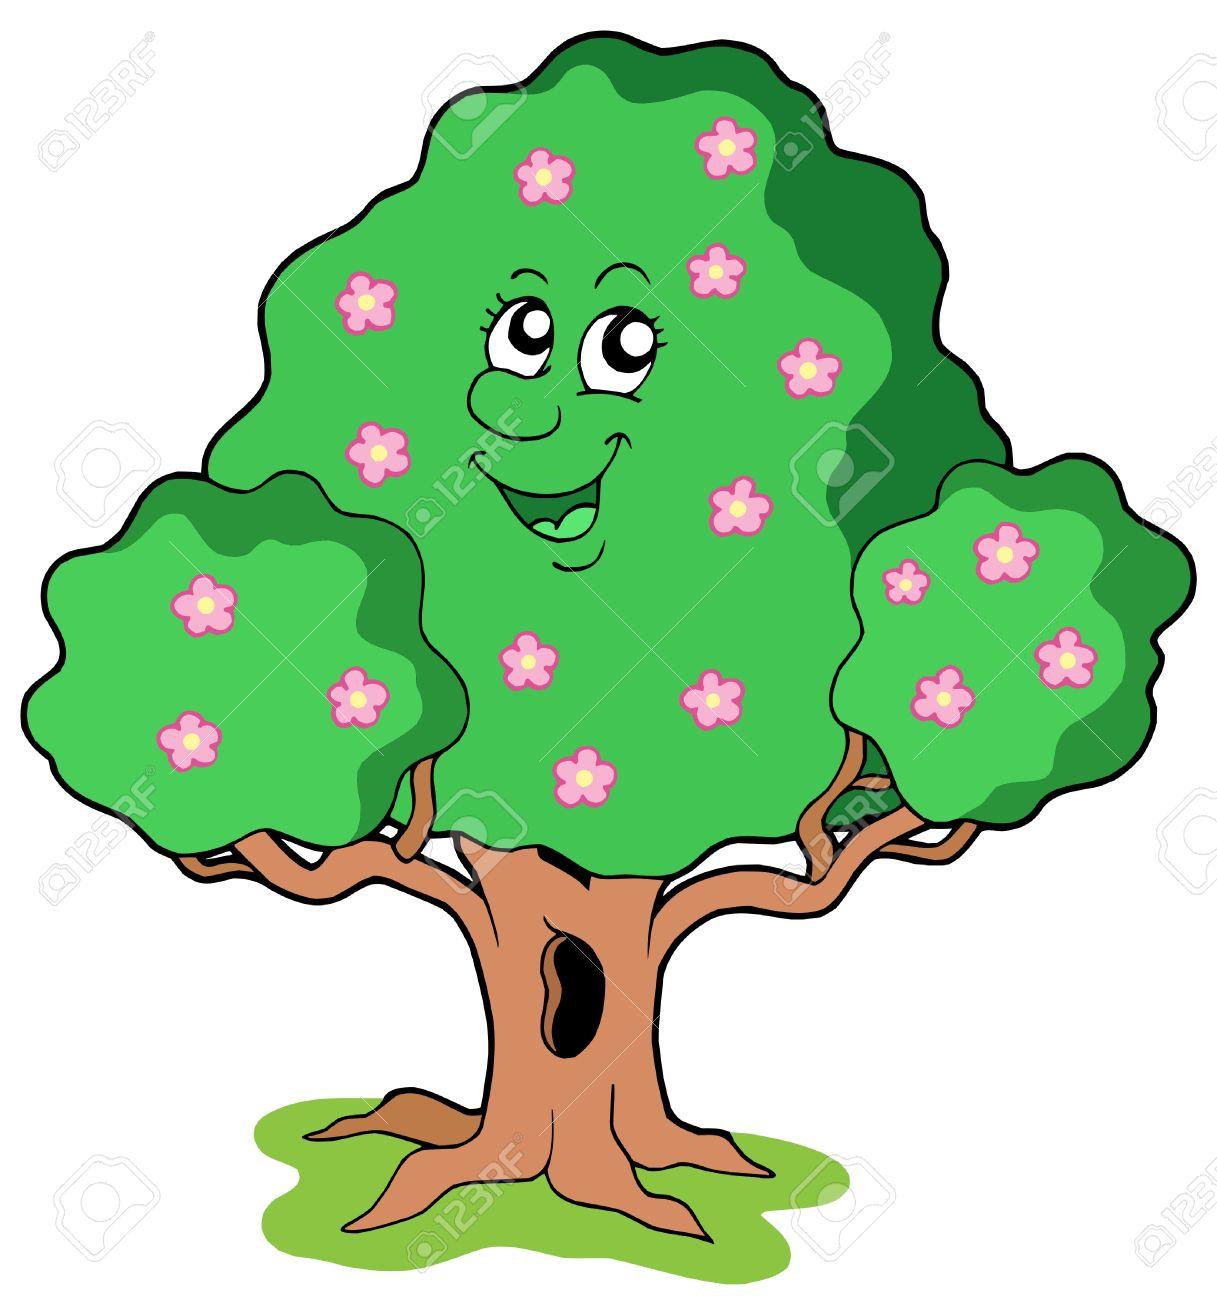 Spring tree in bloom - vector illustration. - 4574132